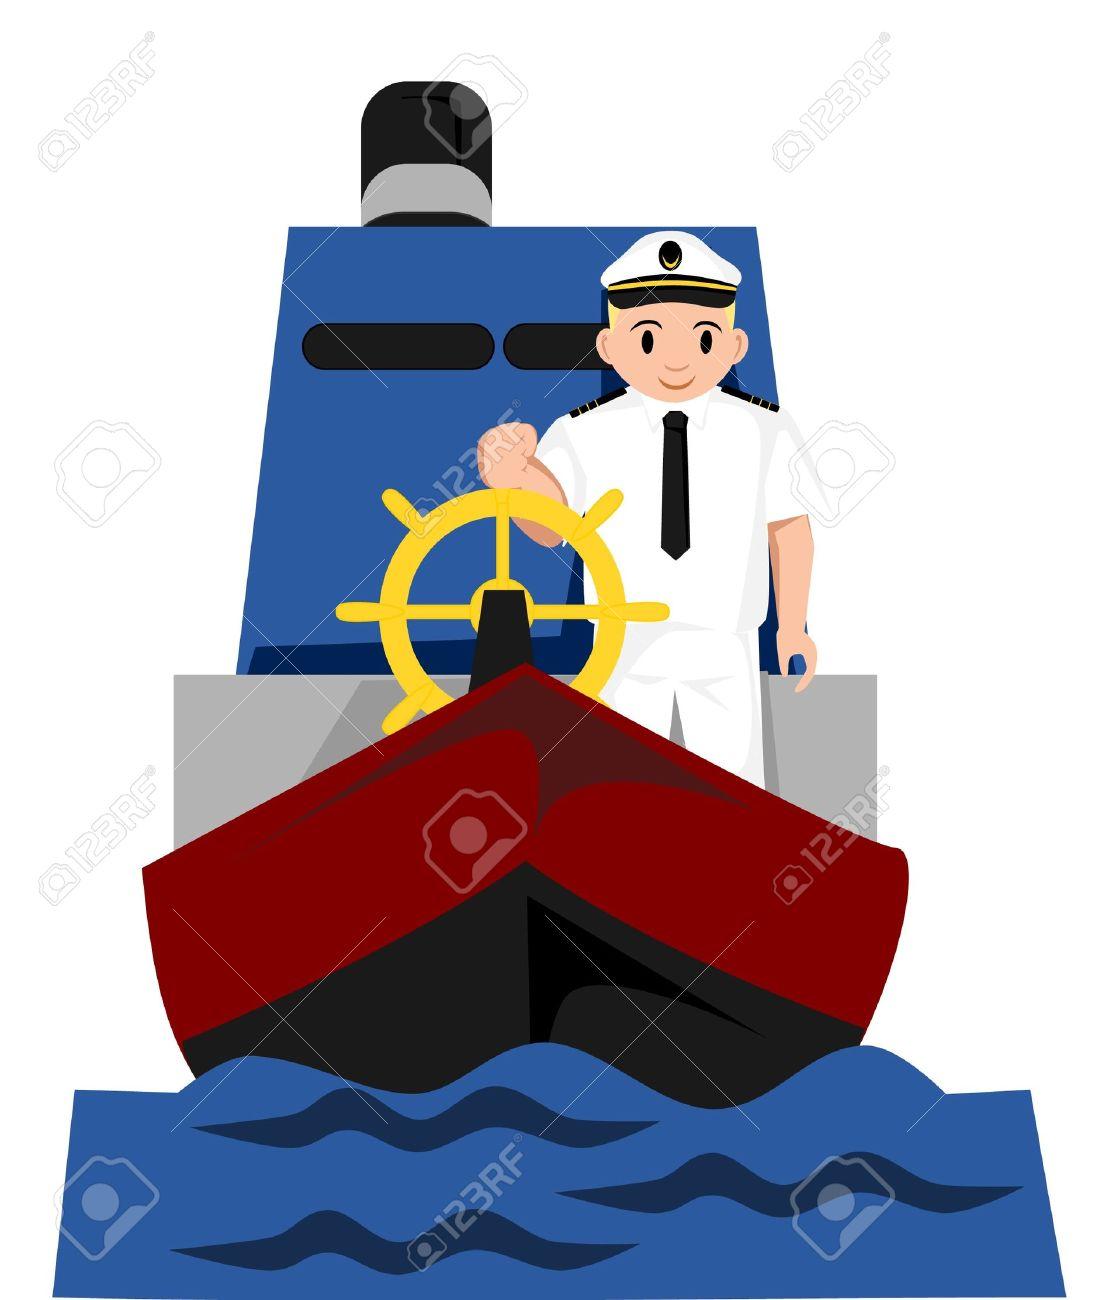 Captain of a ship clipart.